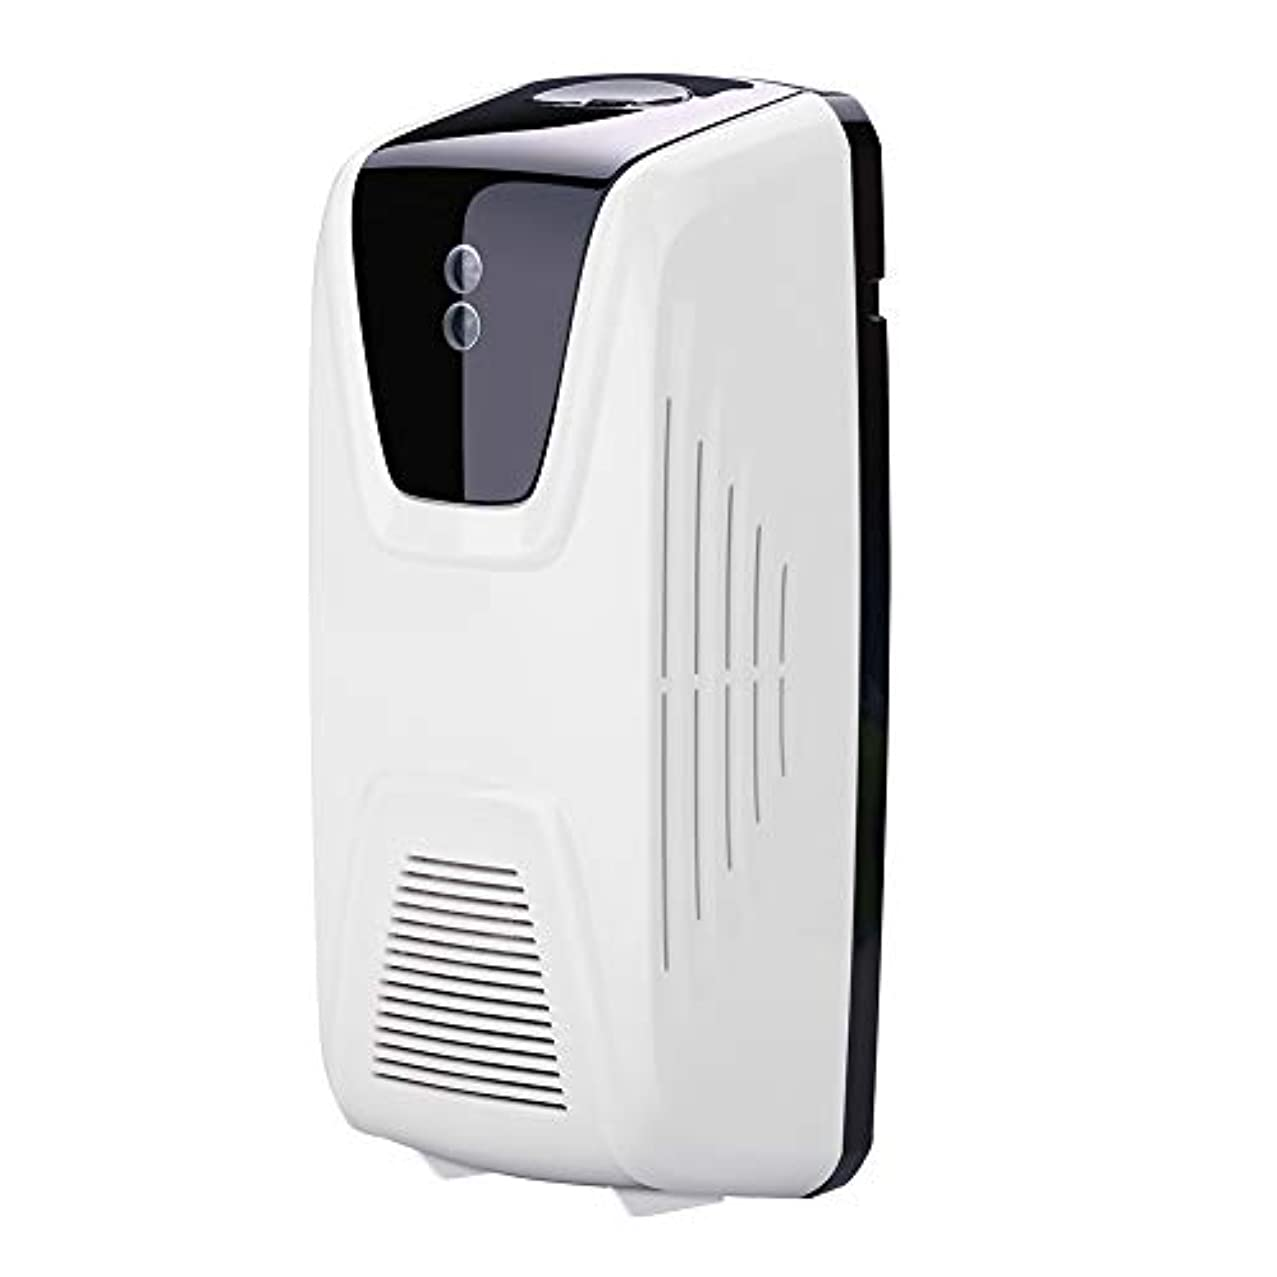 白鳥食料品店テクトニックRakuby ファン型 自動 軽いセンサー 空気清浄 ディスペンサー使用 エッセンシャルオイル 香水詰め替え スプレー缶